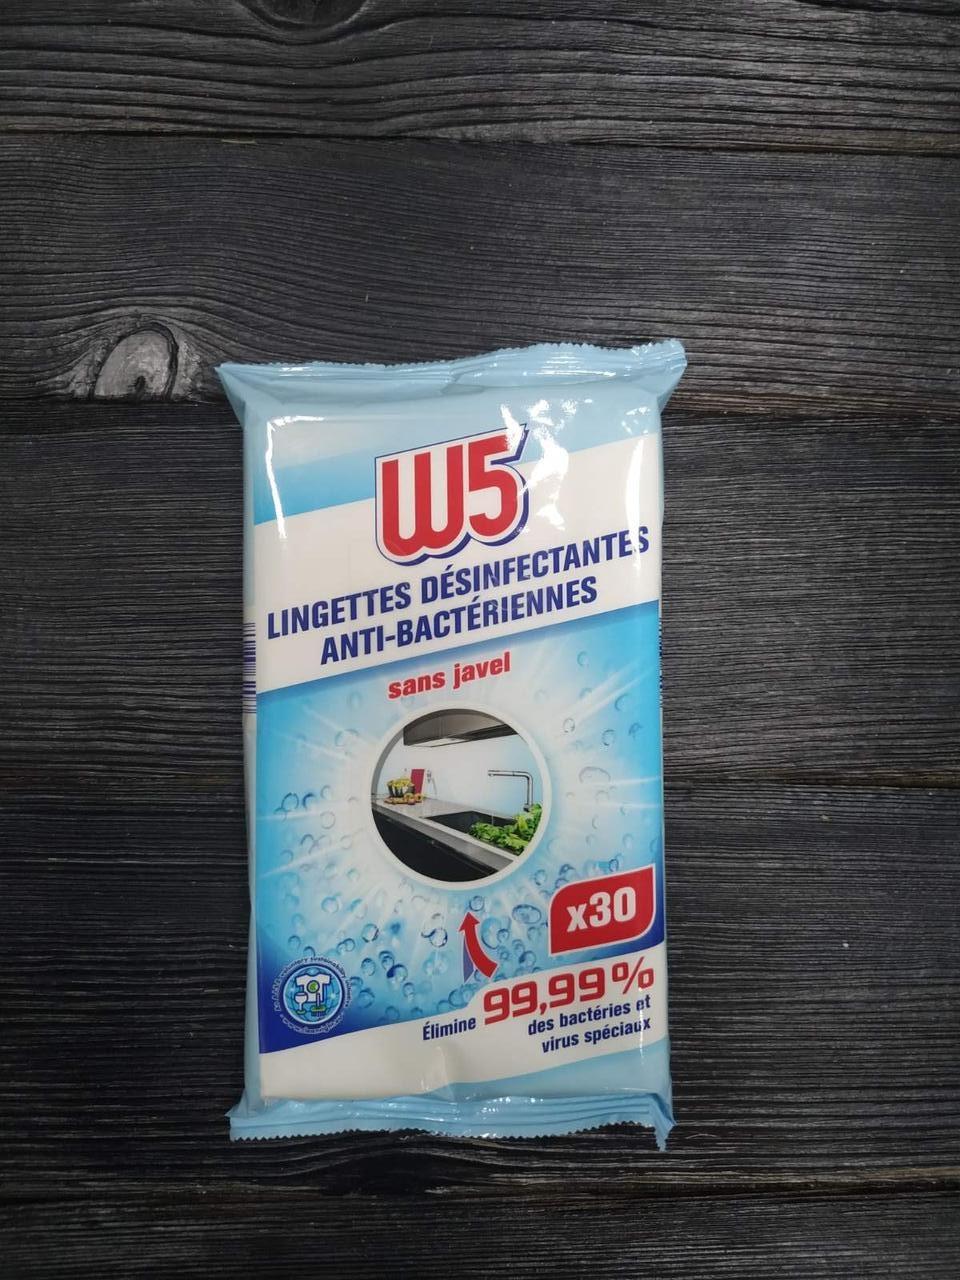 W5 антибактериальные салфетки 30 шт в упаковке